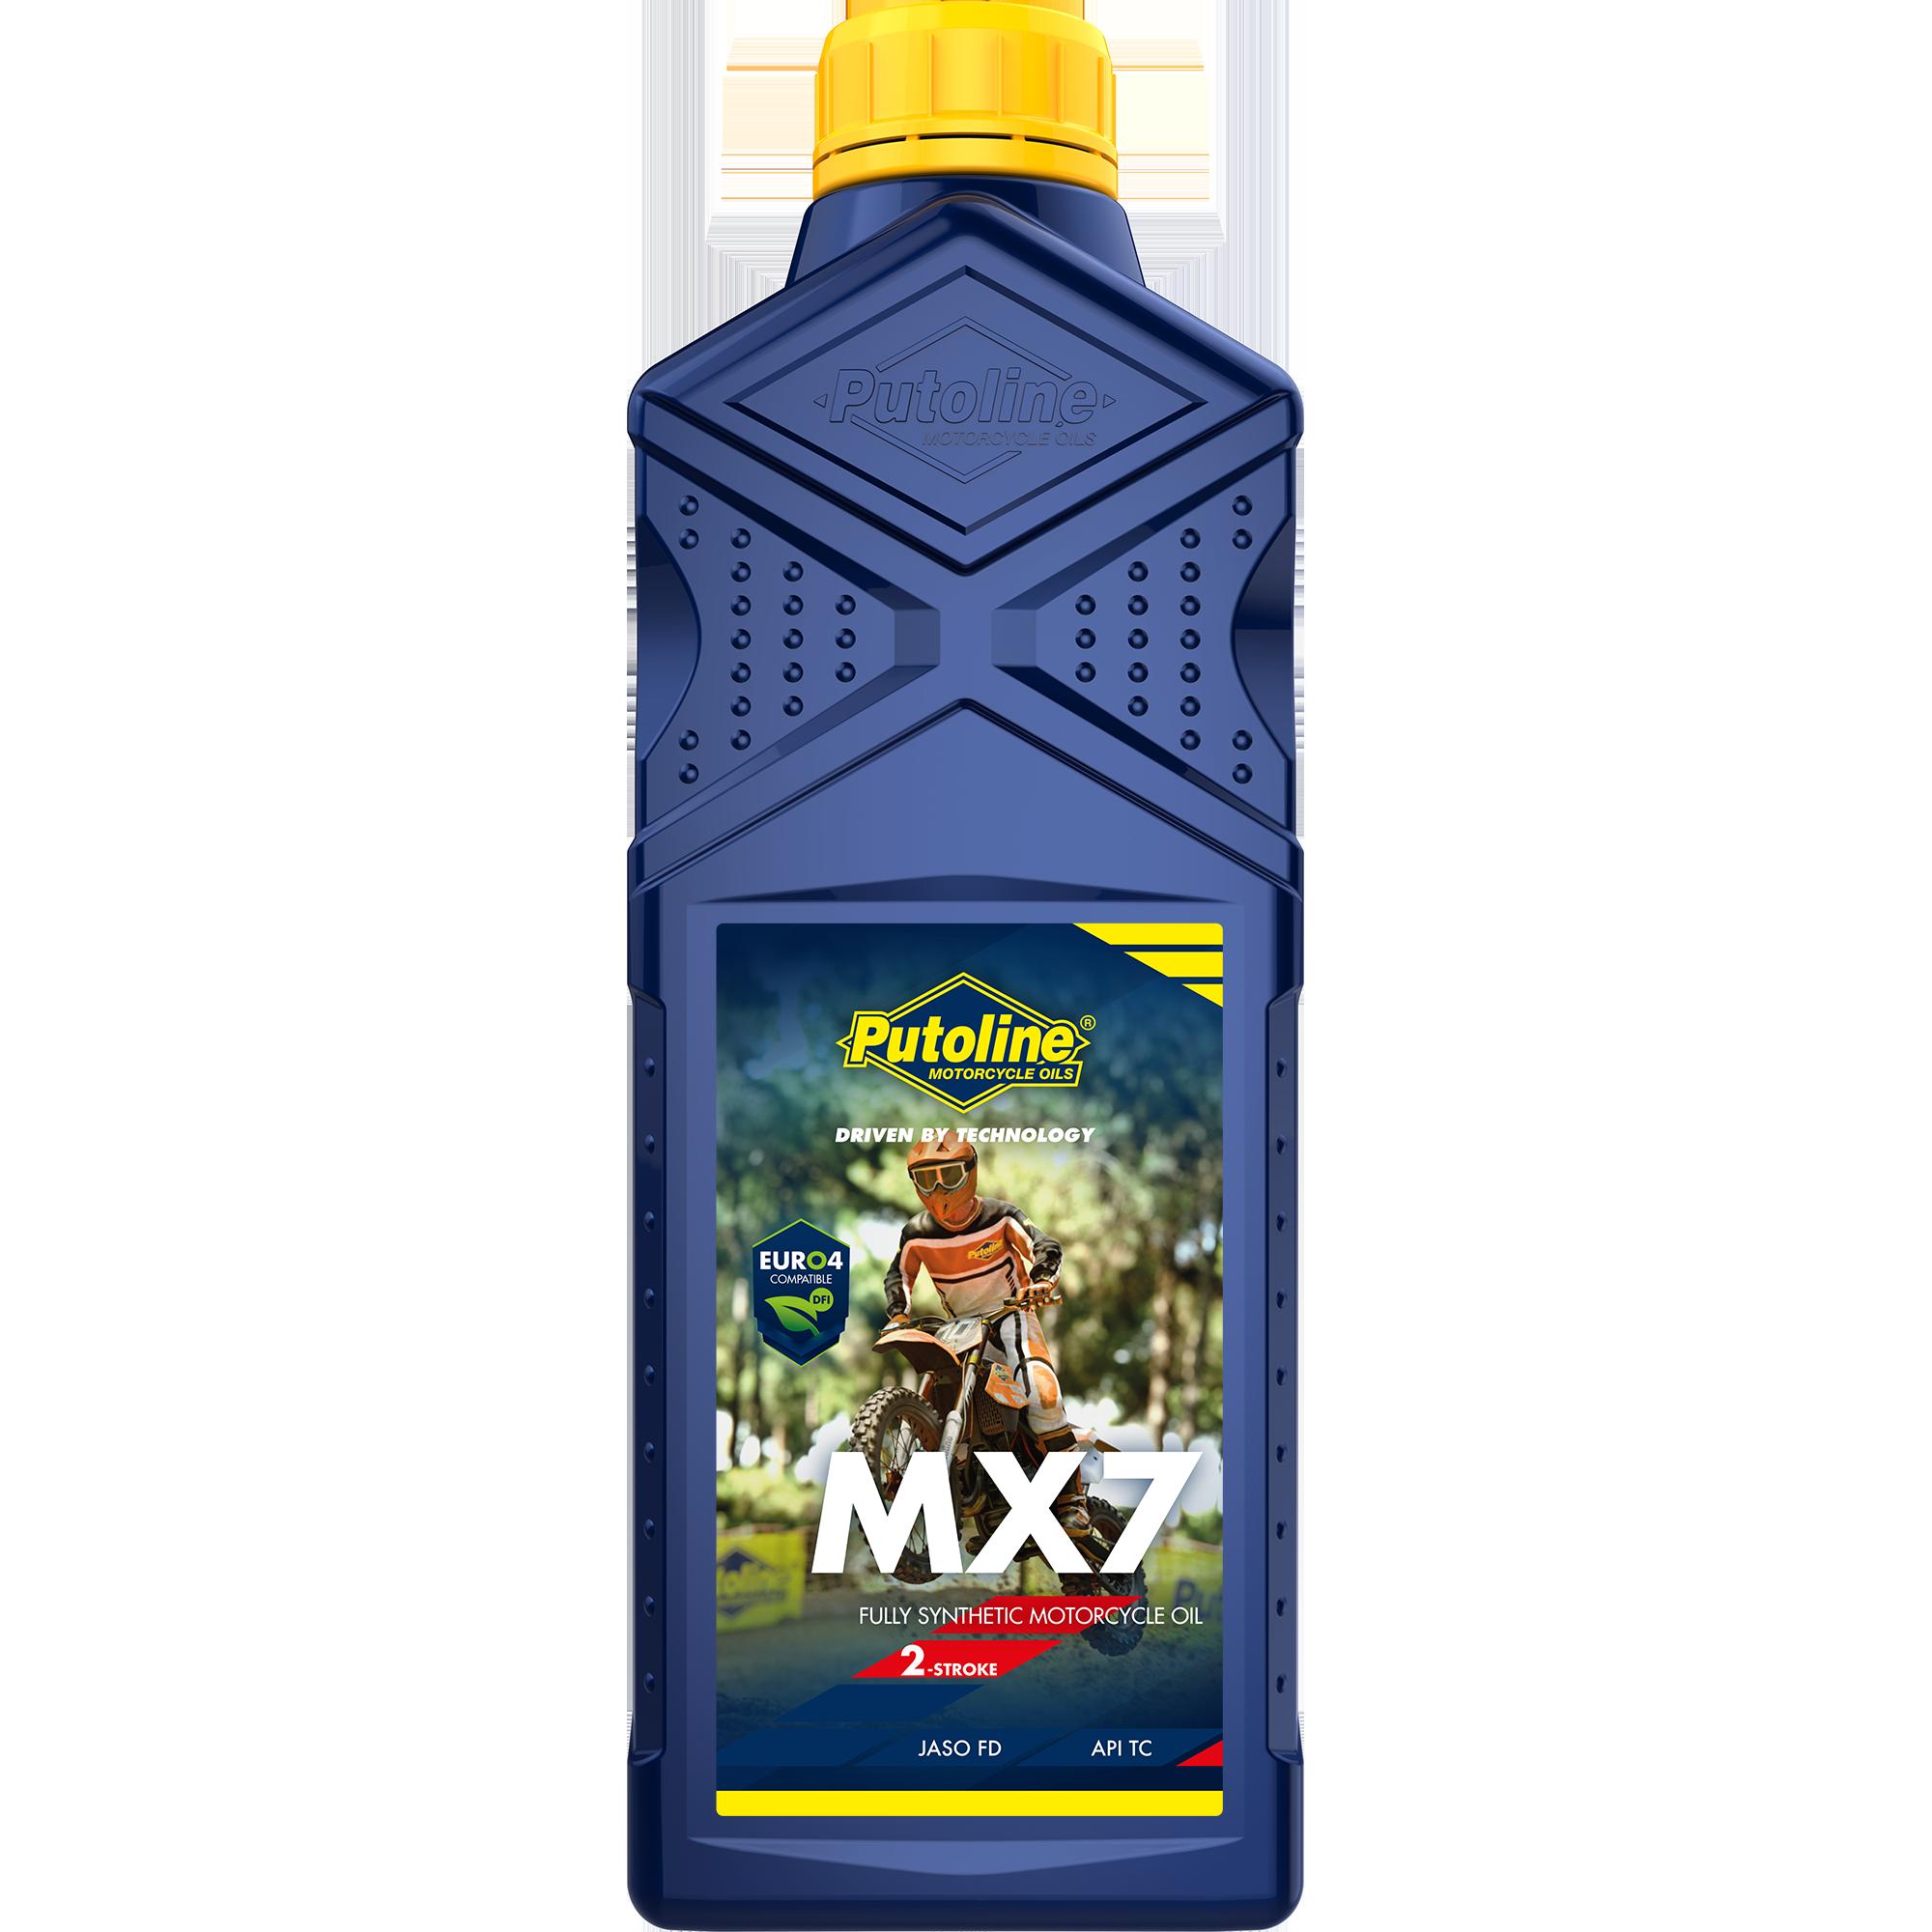 Putoline Motoröl MX7 1L